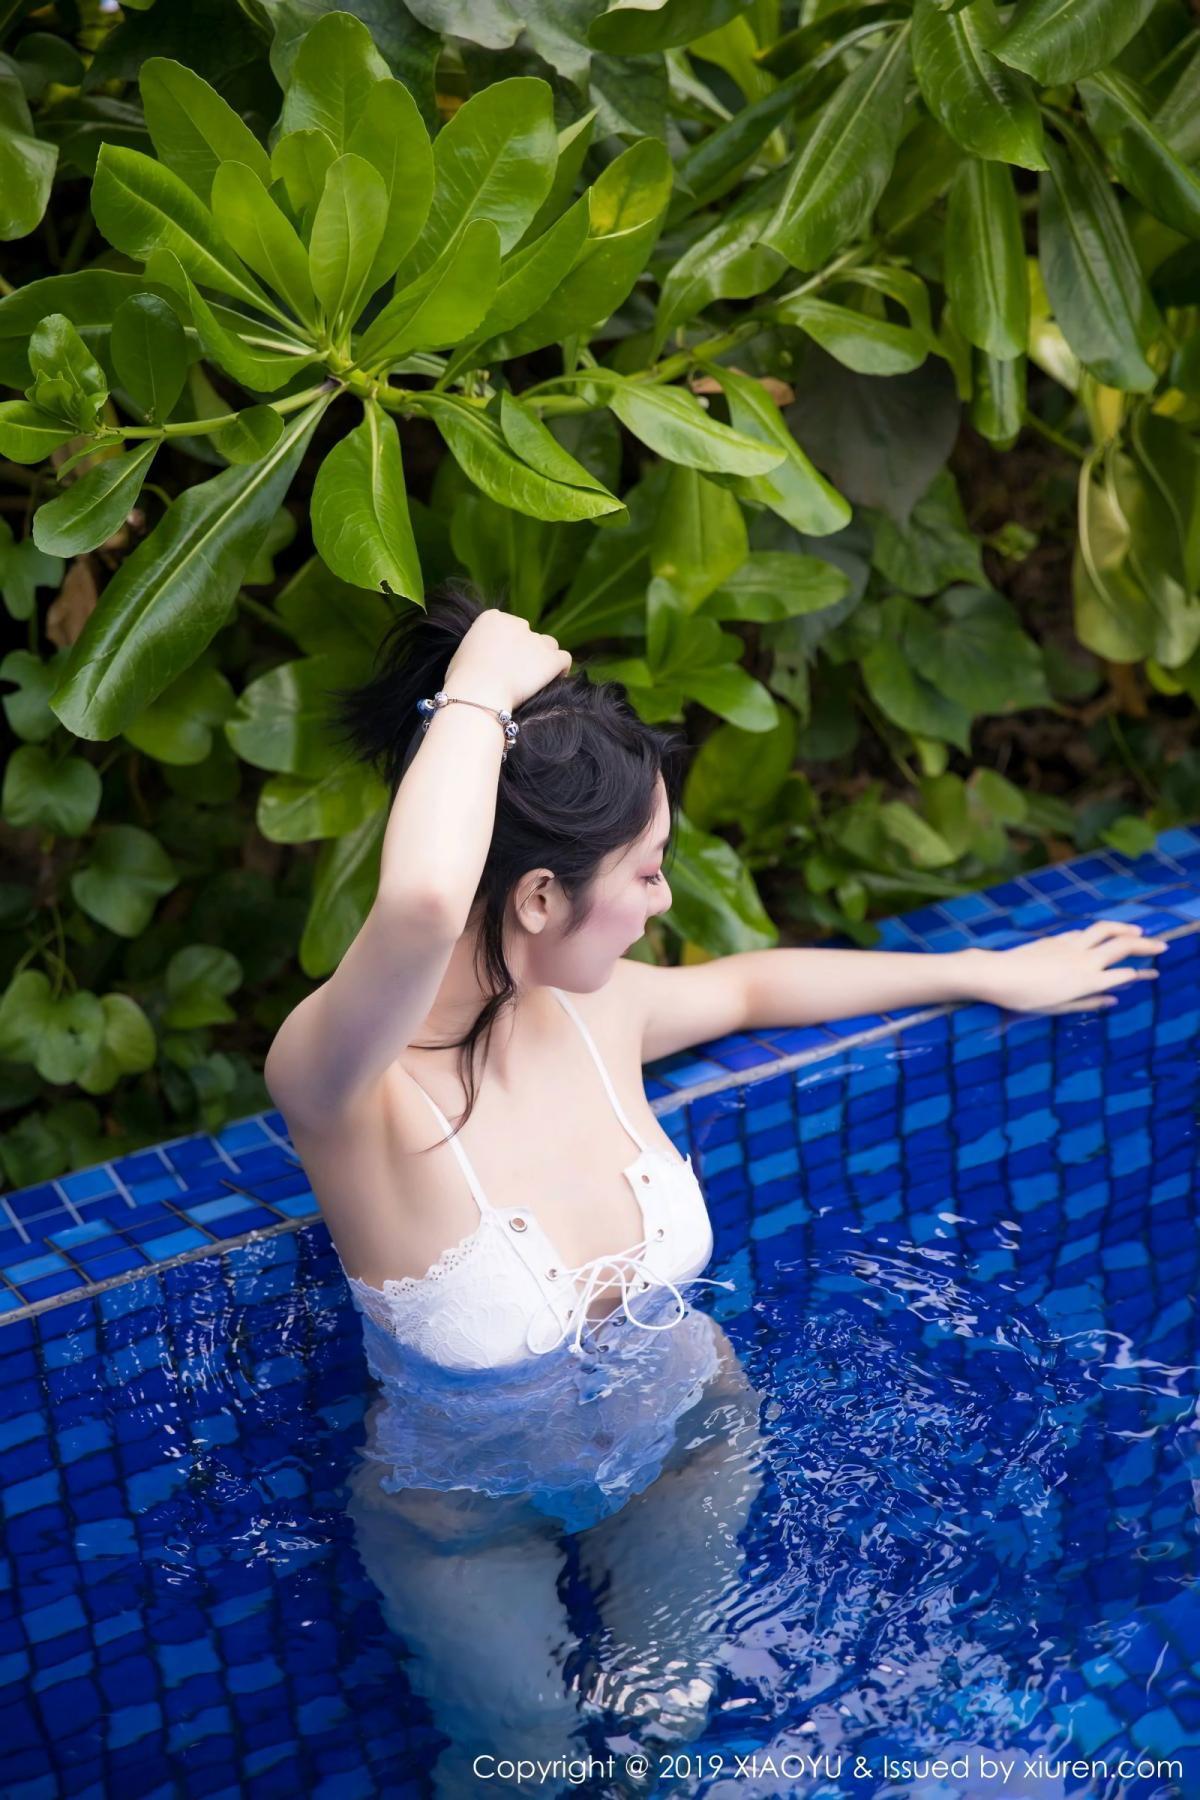 [XiaoYu] Vol.106 Di Yi 12P, Bikini, Di Yi, Swim Pool, Wet, XiaoYu